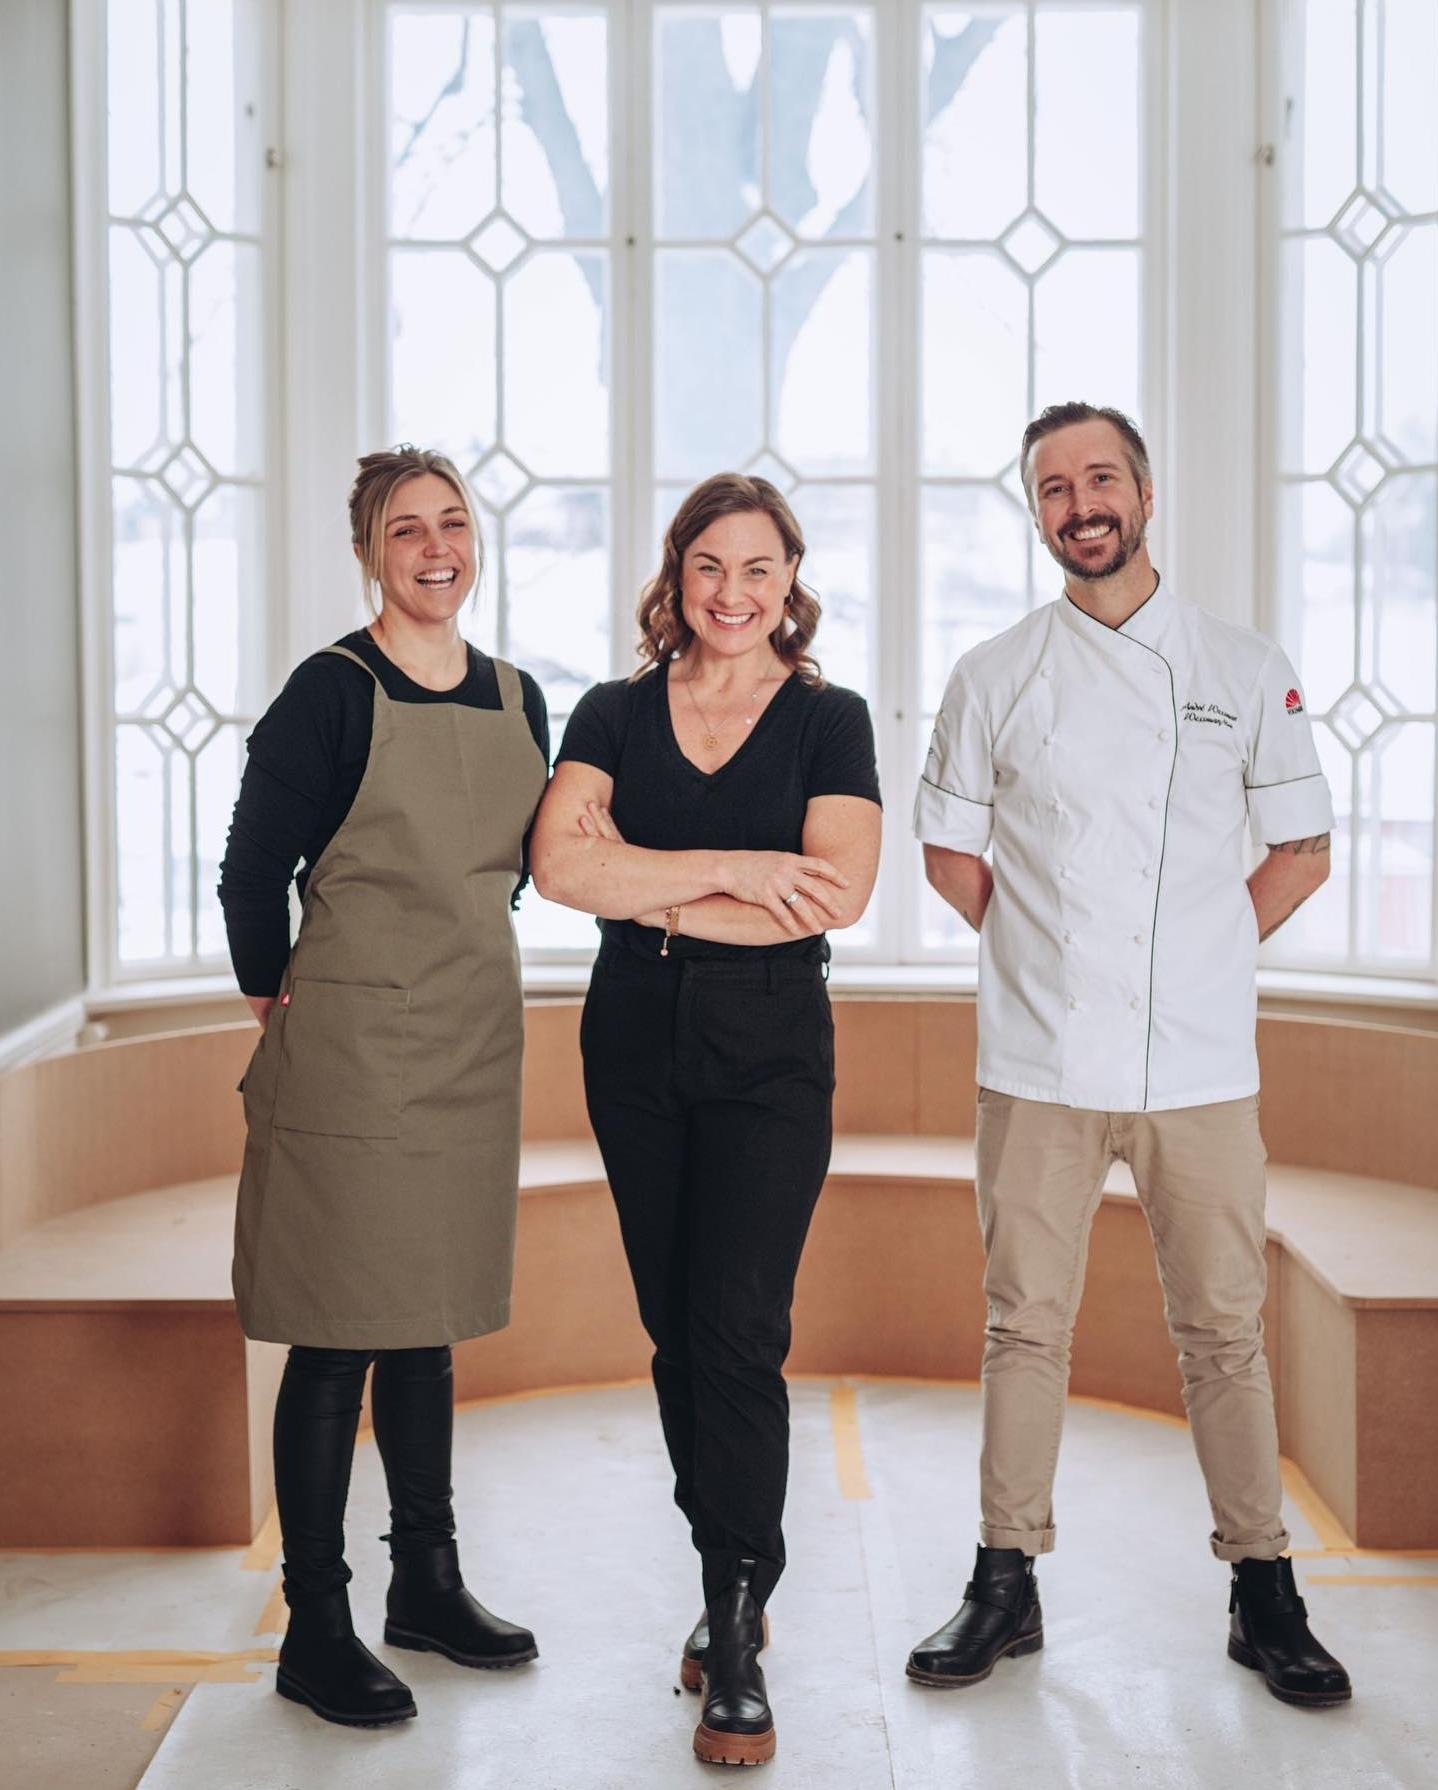 Jessica Karlberg (restaurangchef), Karin Sundqvist (grundare) och André Wessman (kökschef)